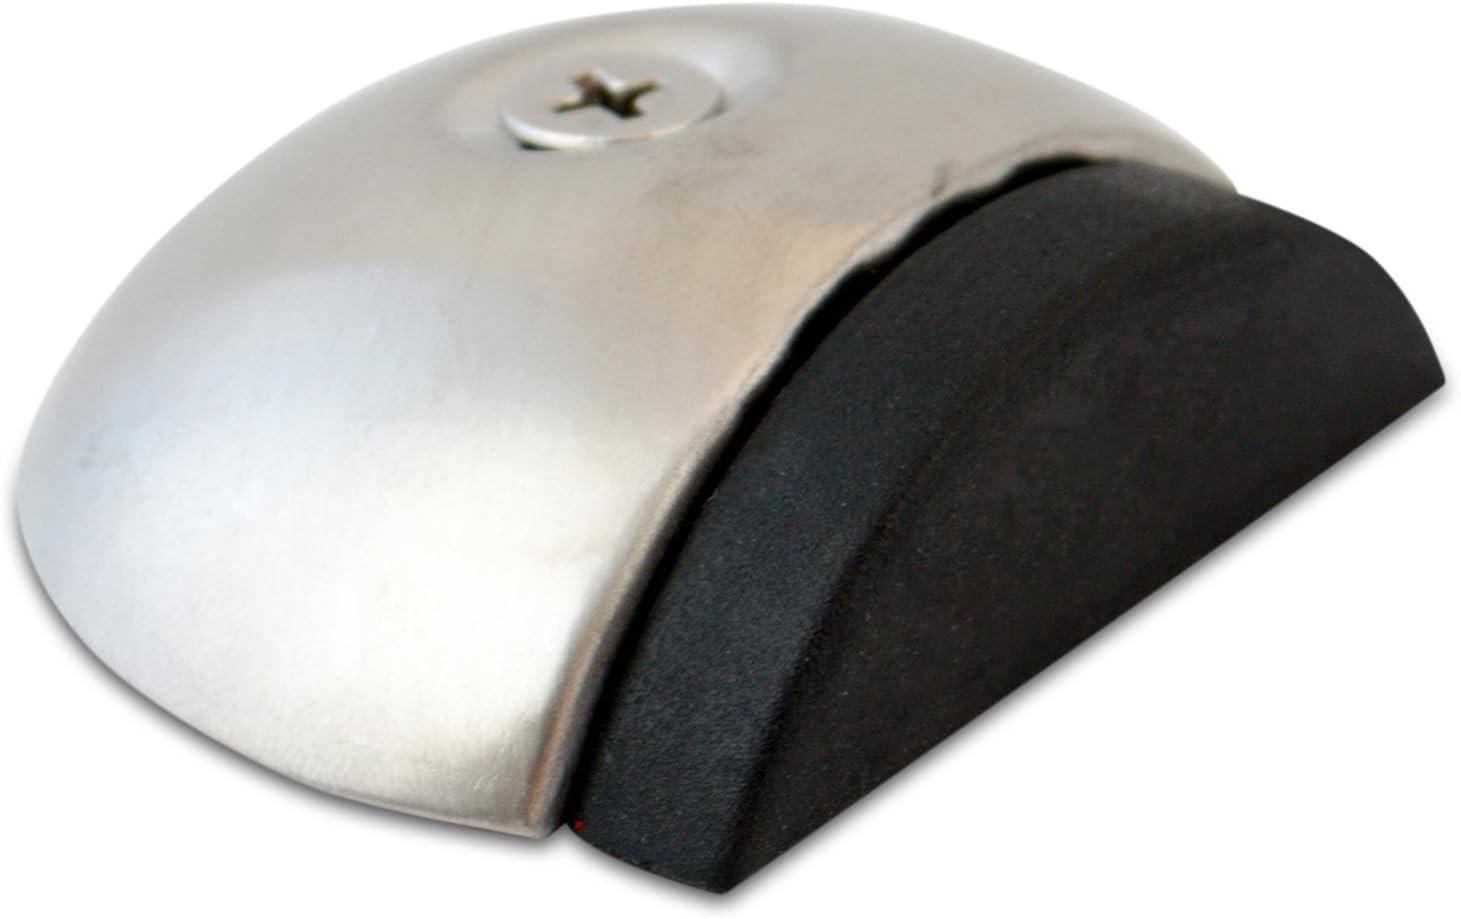 Stoppwerk Topes para puerta de acero inoxidable con goma TS011 - Tope de puerta para suelo con material de instalación - Tope puerta